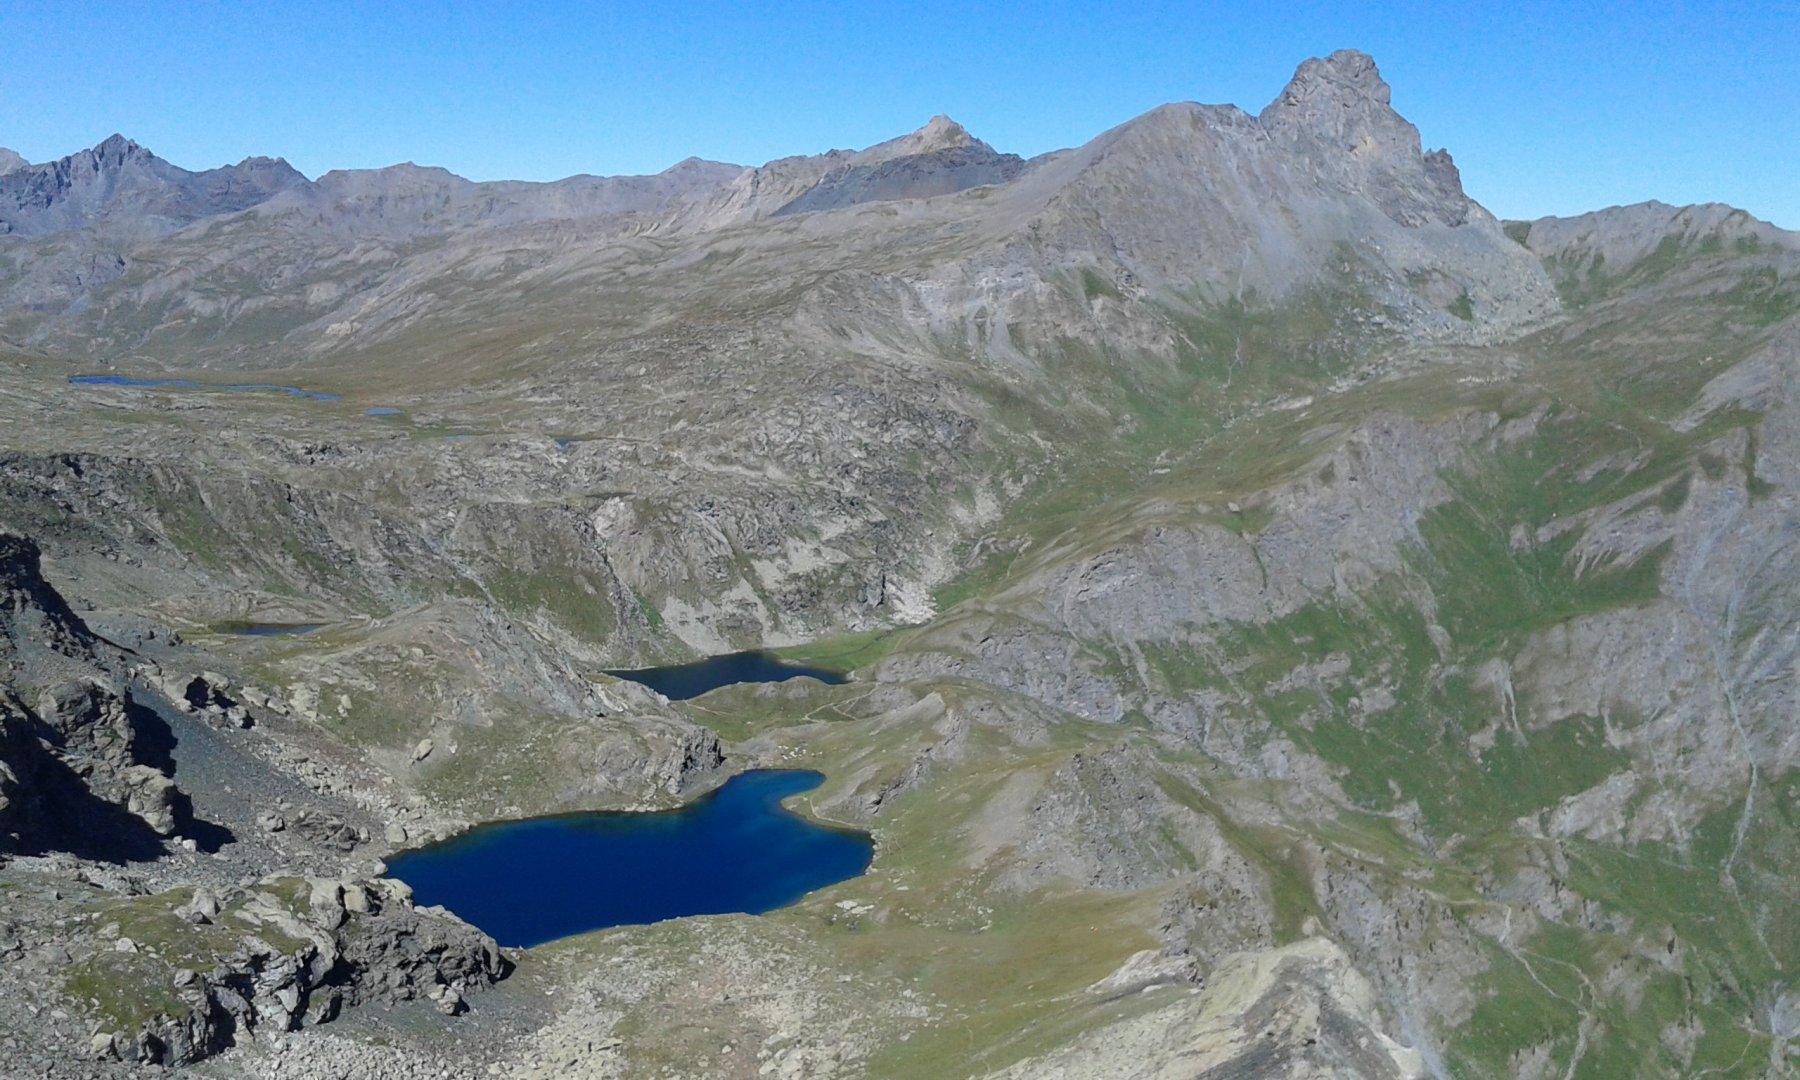 lago nero, lago blu e roc della niera dalla vetta...